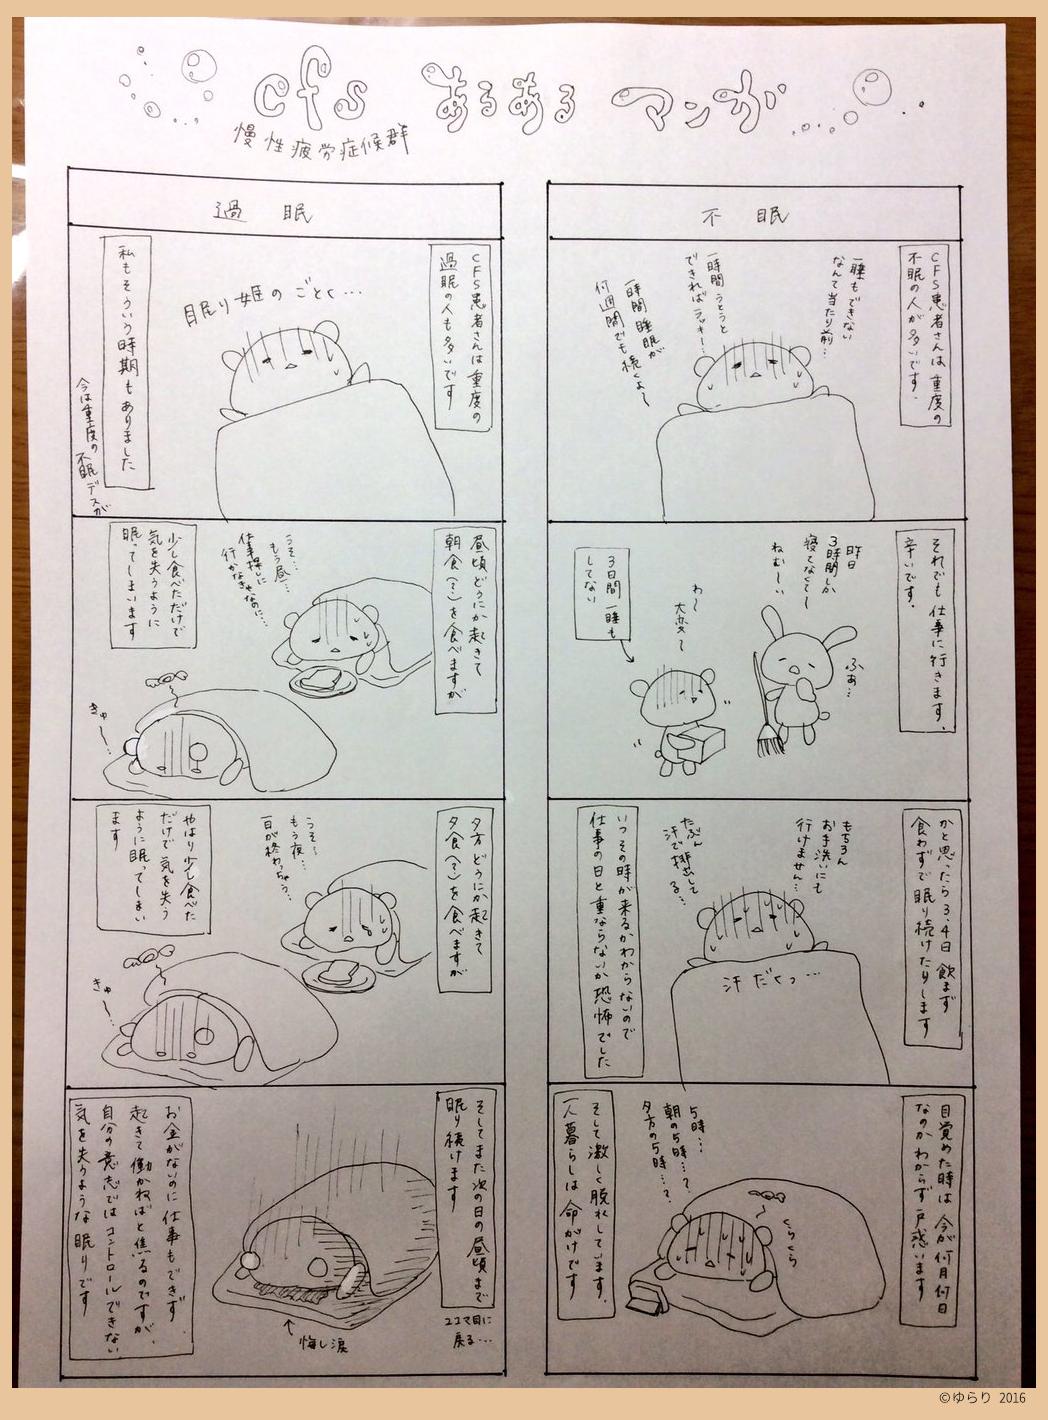 009_不眠/過眠